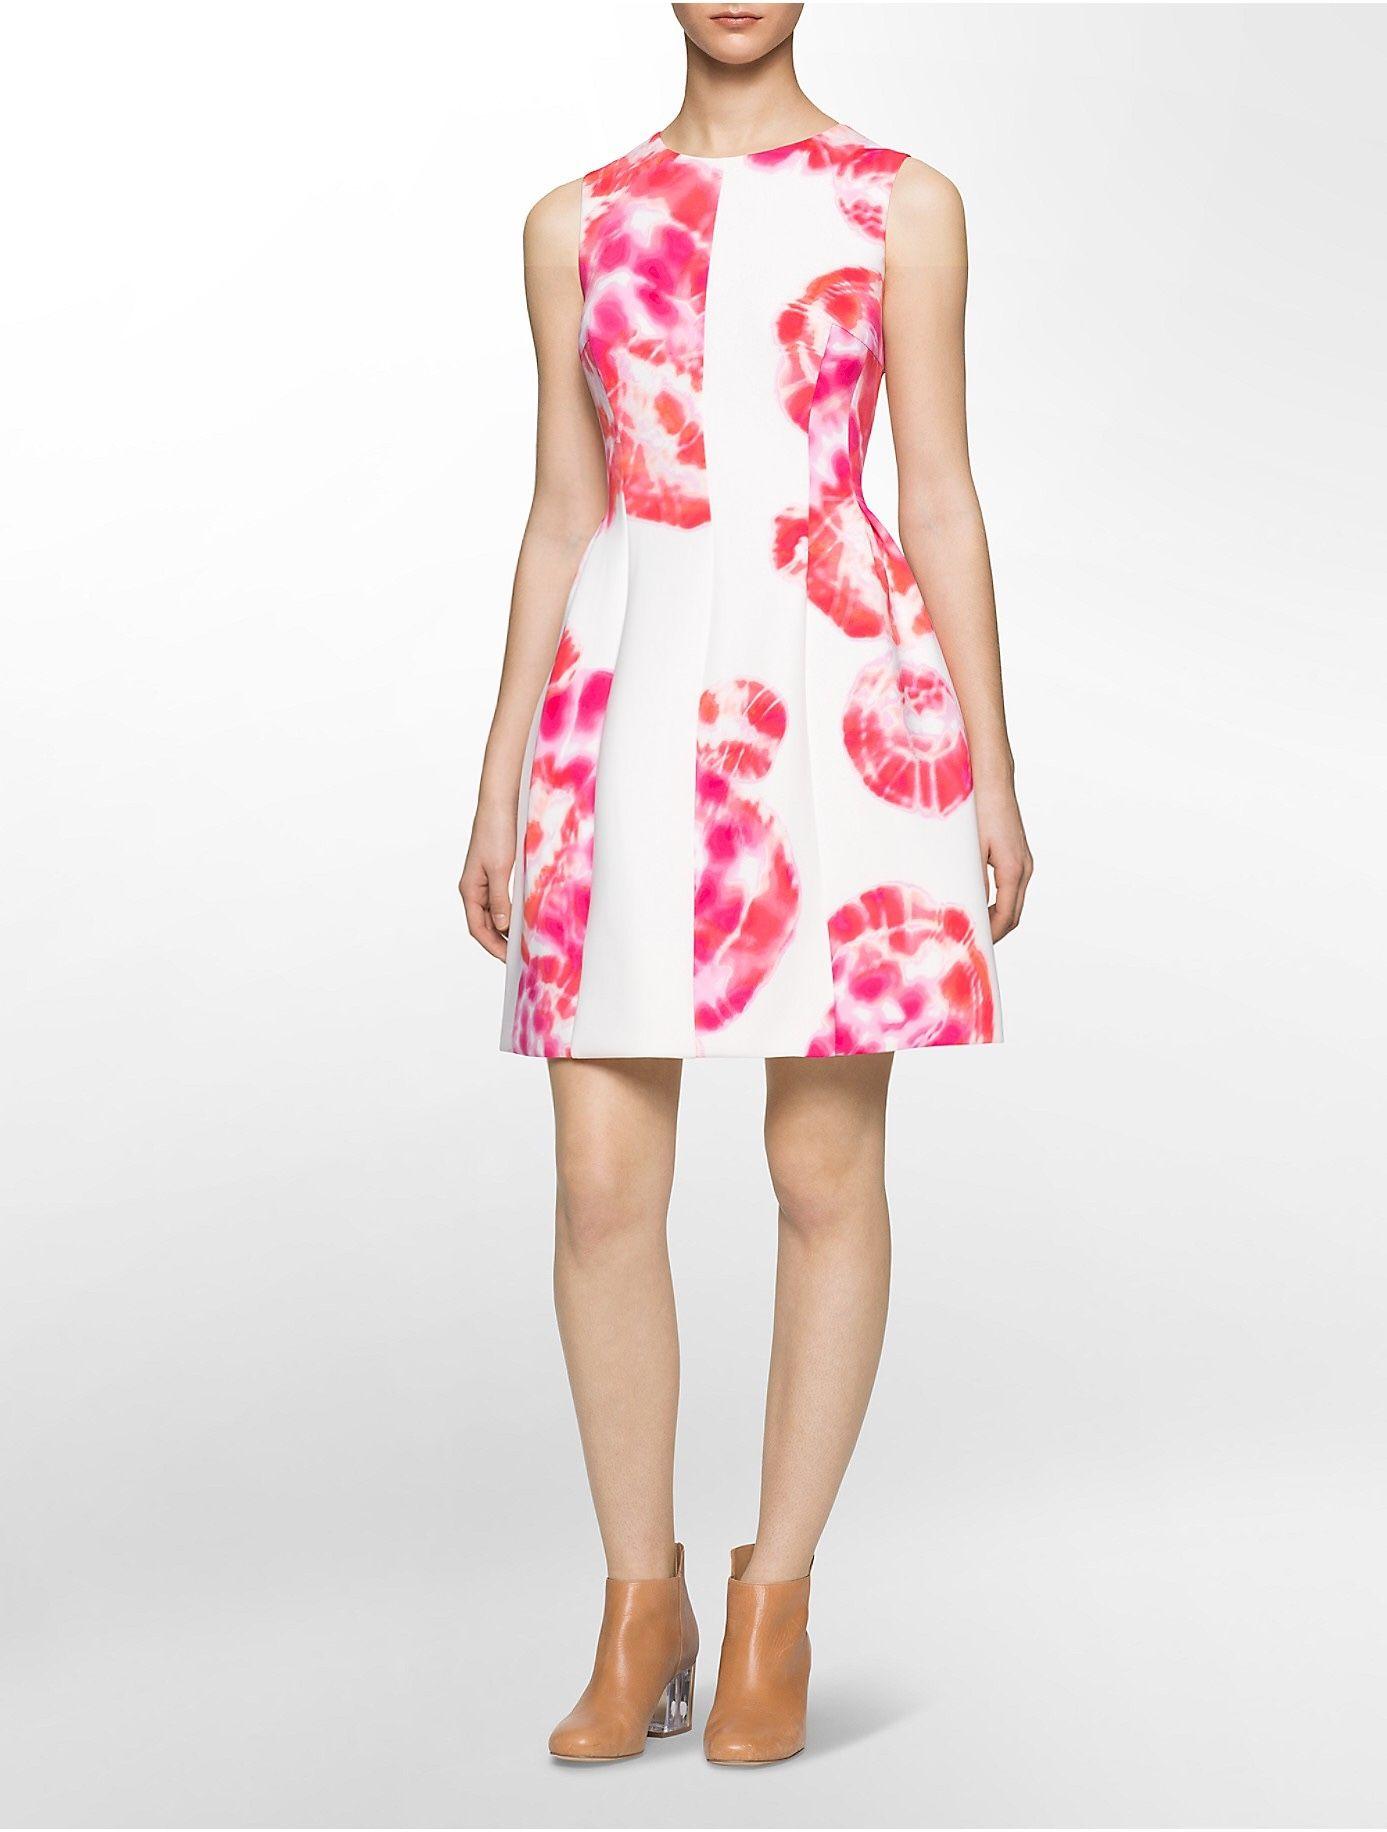 aa74cdc41fd4 Vestido Calvin Klein, en talla 8. Precio normal $150, precio de ...